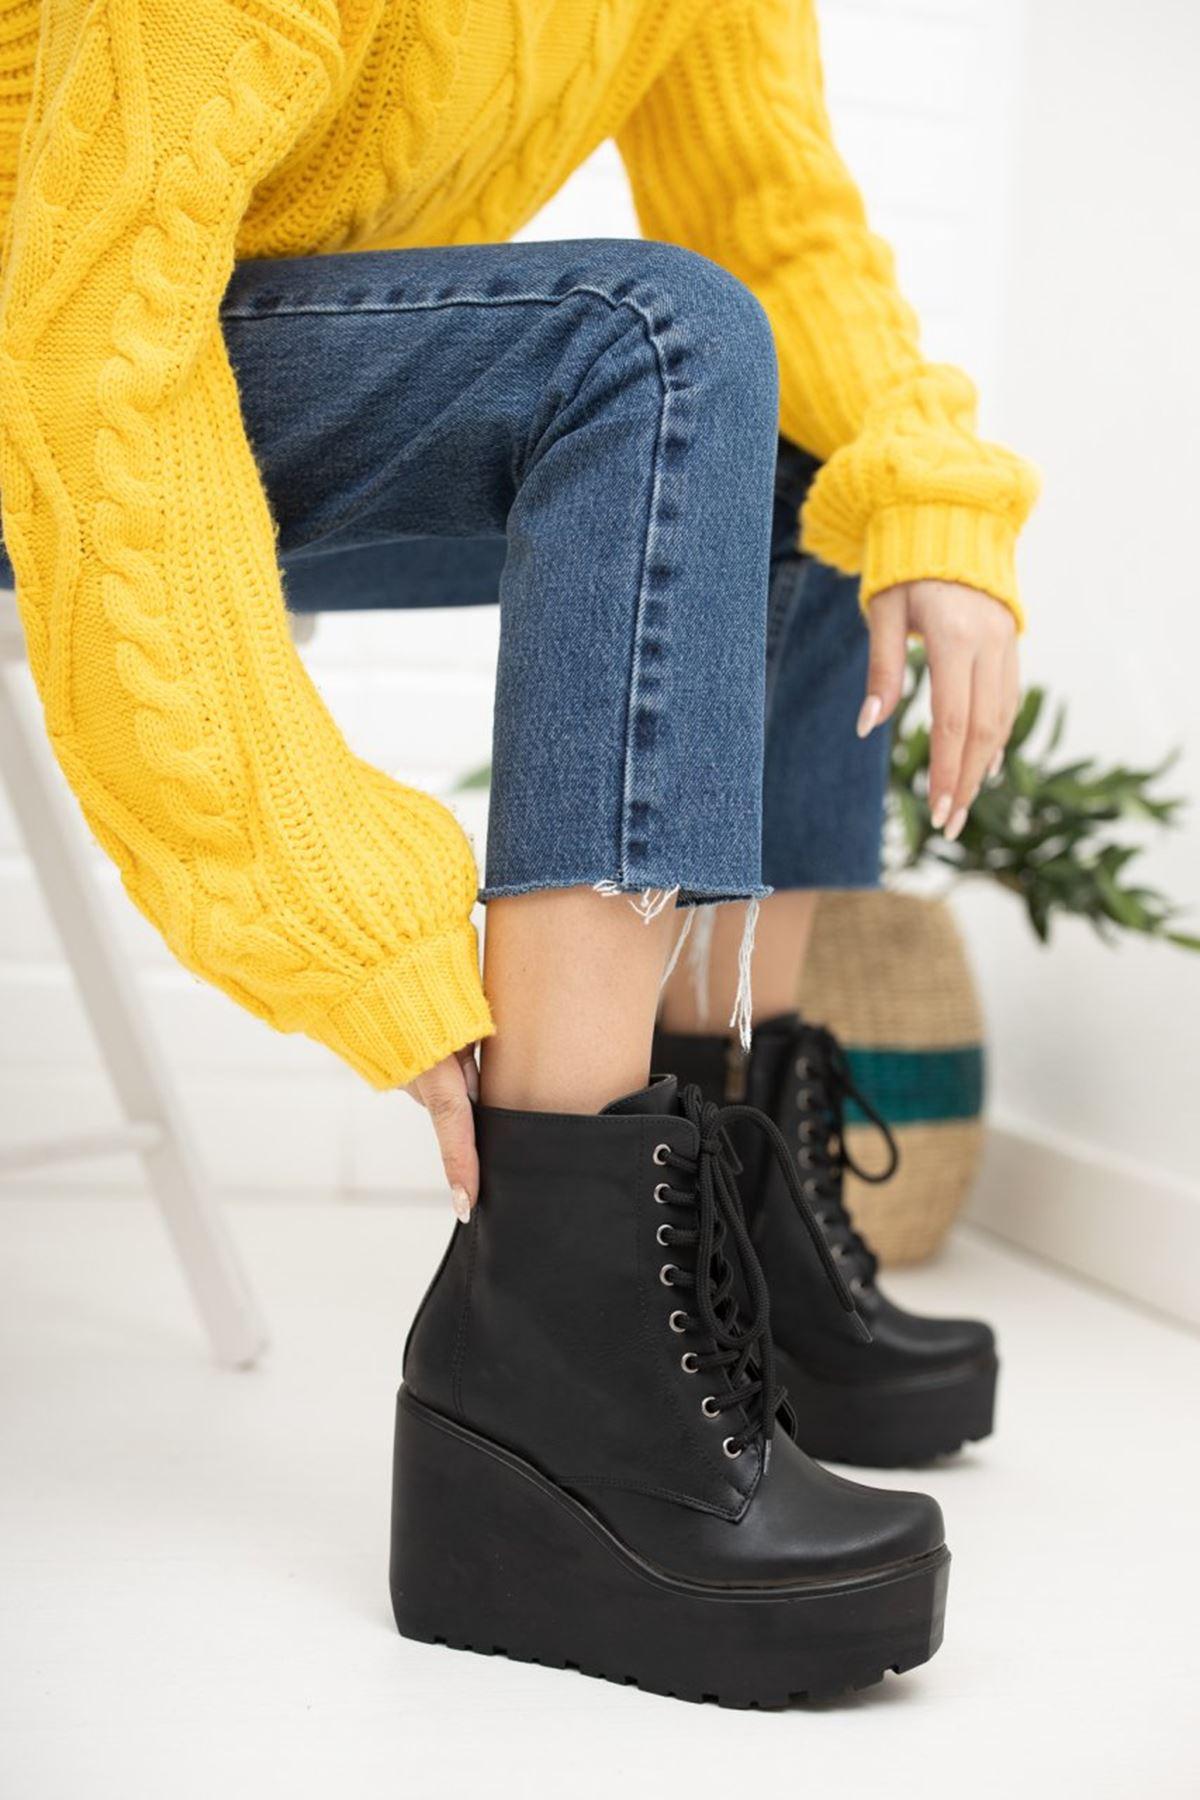 Kadın Sofiya Bağcıklı Dolgu Topuk Mat Deri Siyah Bot